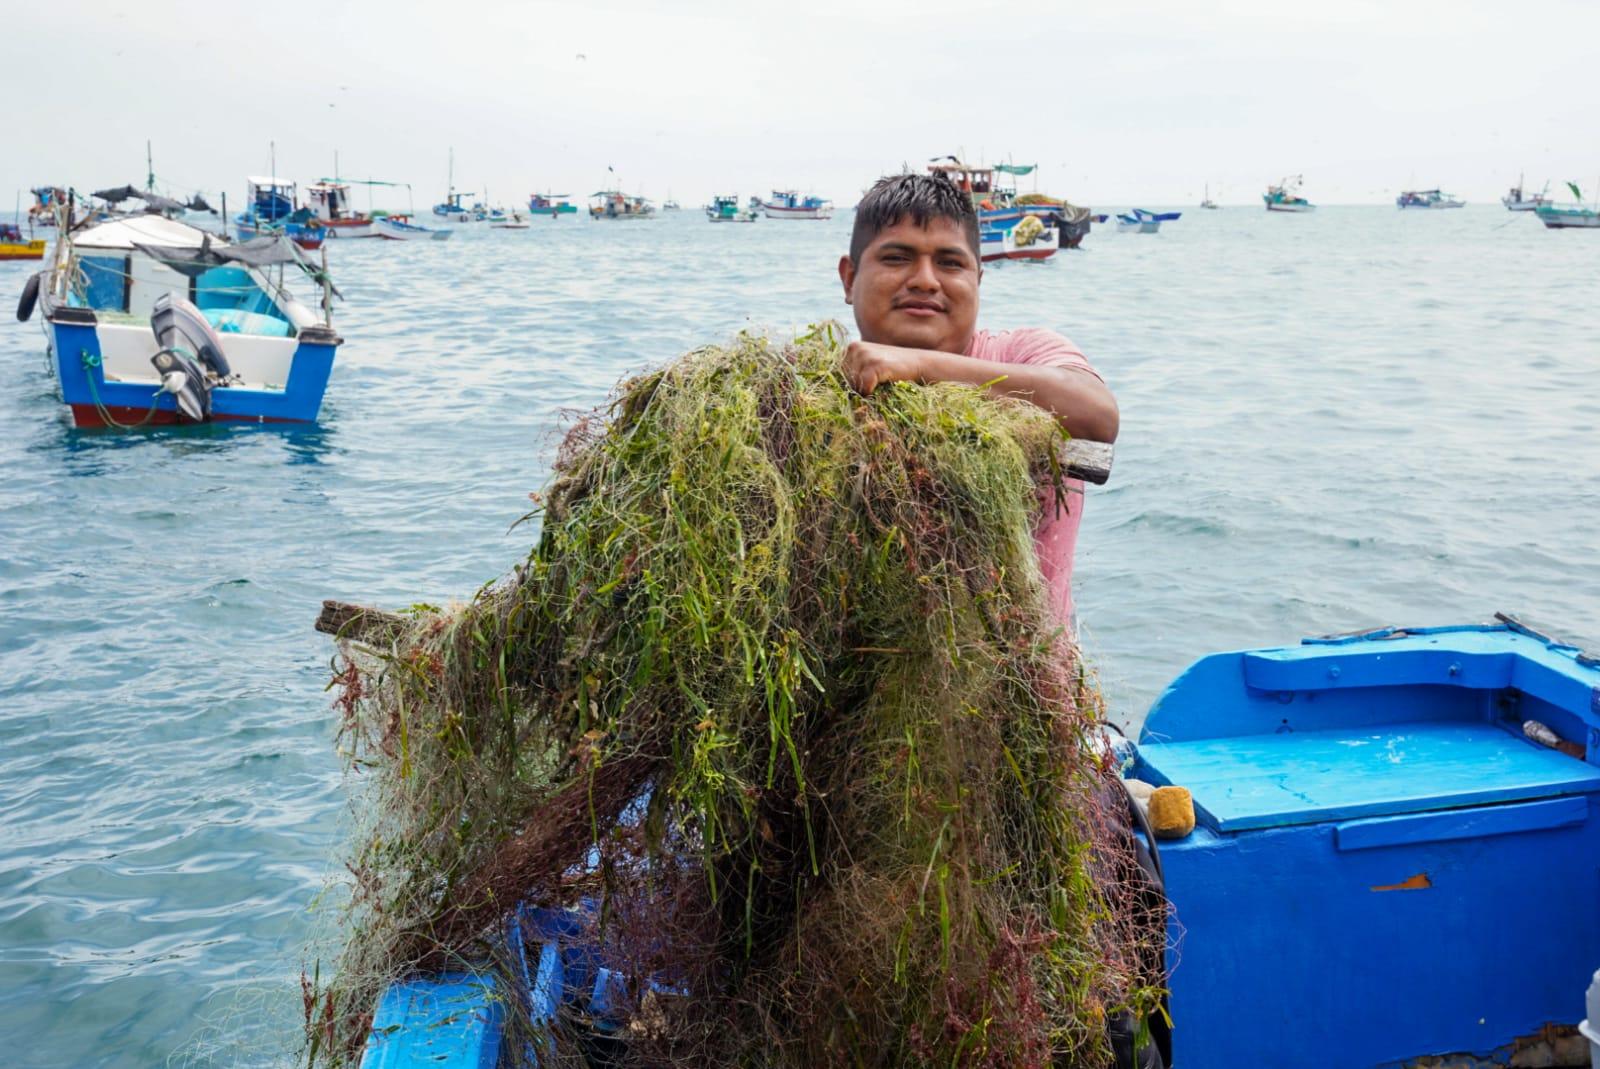 Gobierno regional de Tumbes realiza campaña de limpieza del fondo marino y playas de Canoas de Punta Sal